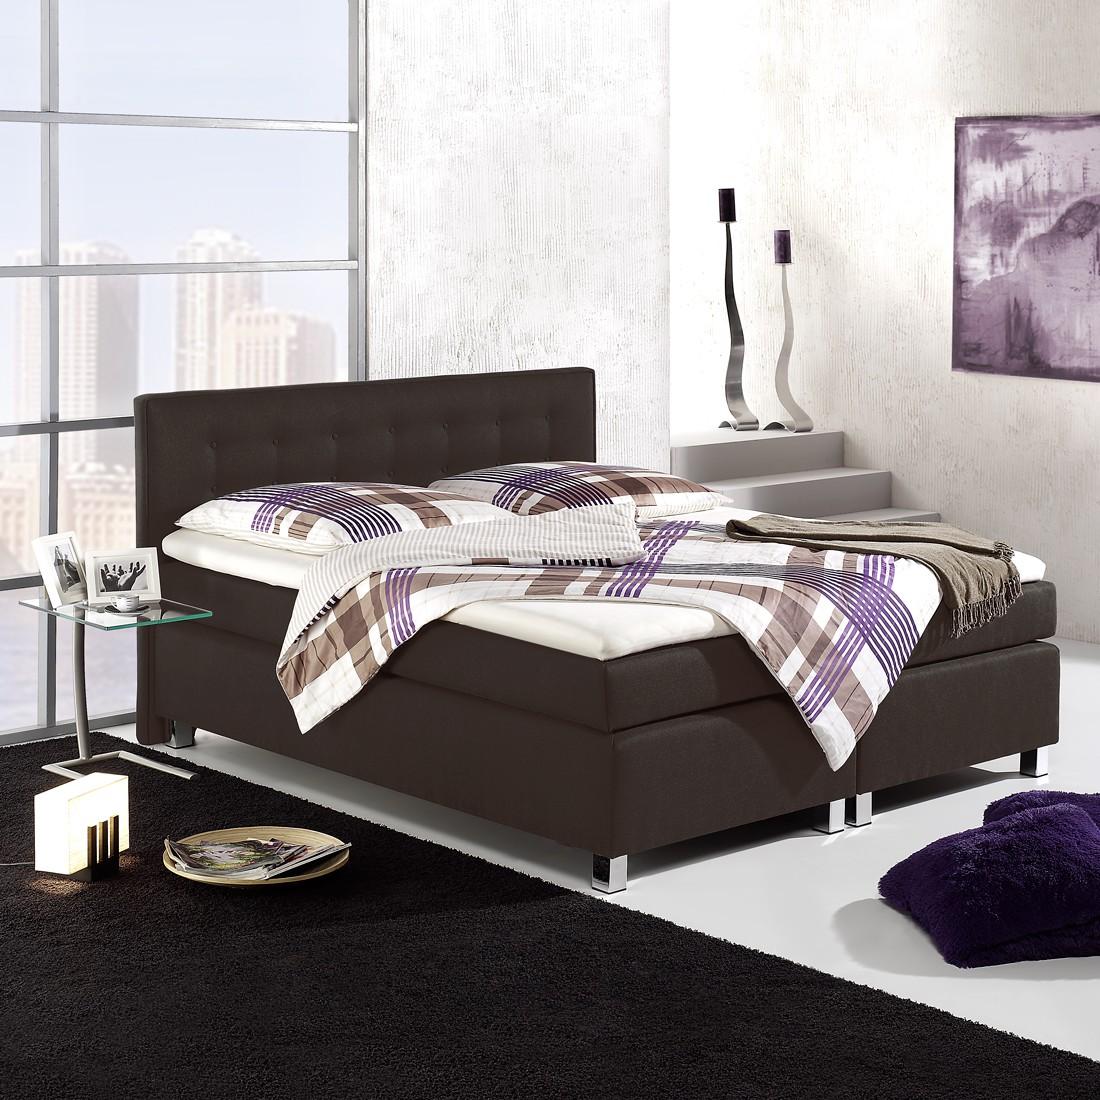 home24 Boxspringbett Melody | Schlafzimmer > Betten > Boxspringbetten | Grau | loftscape